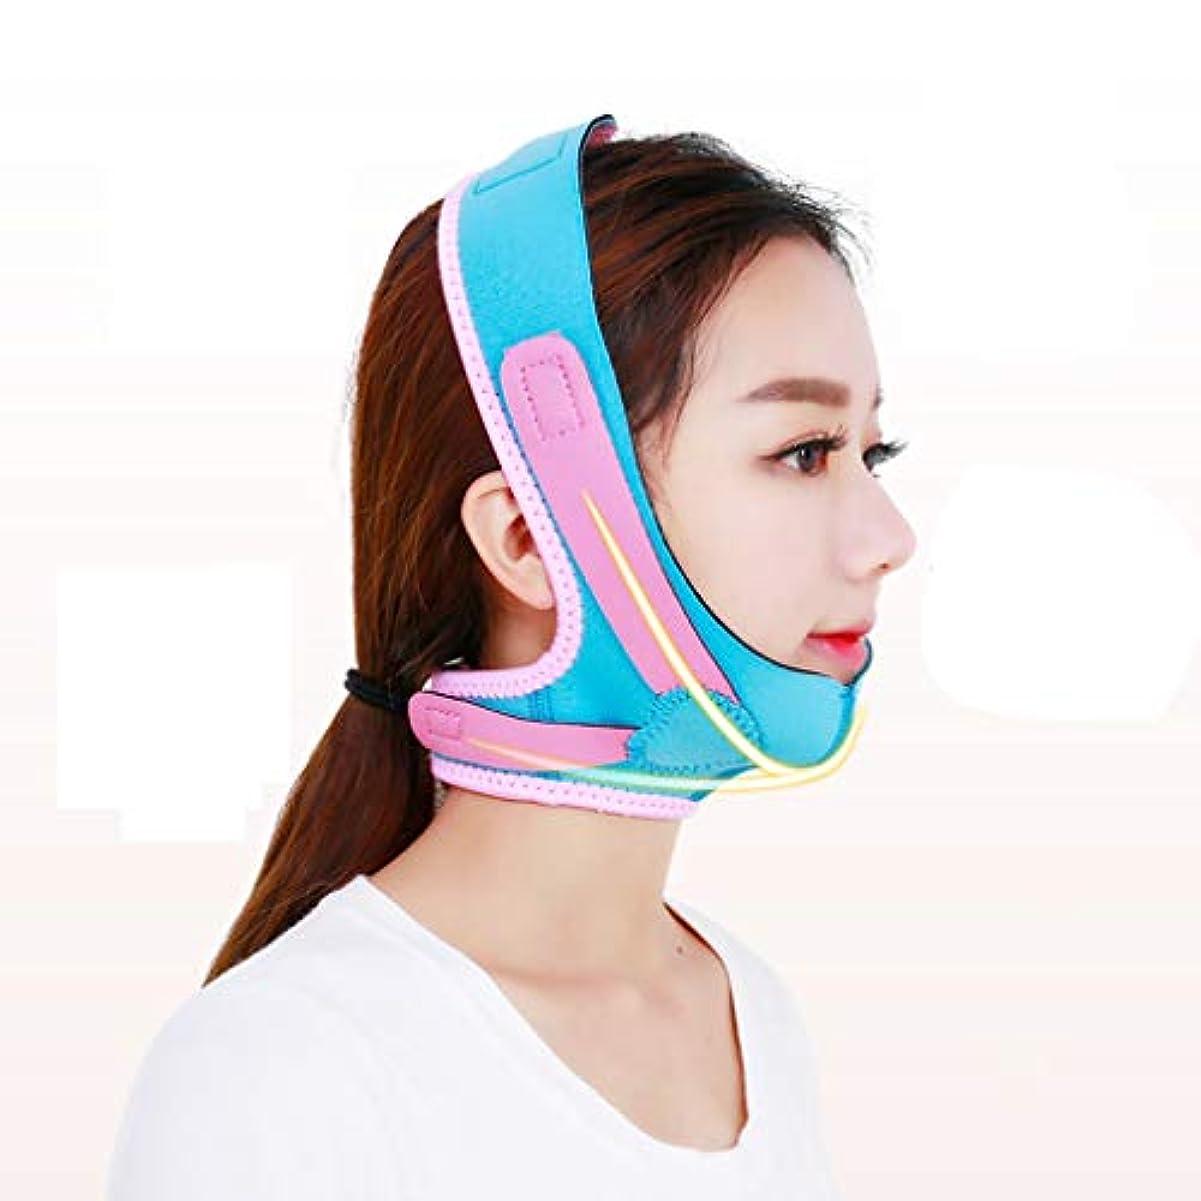 豆腐考慮迅速顔の重量の損失の顔の計器の包帯小さな顔のステッカーの女性の睡眠の顎セット